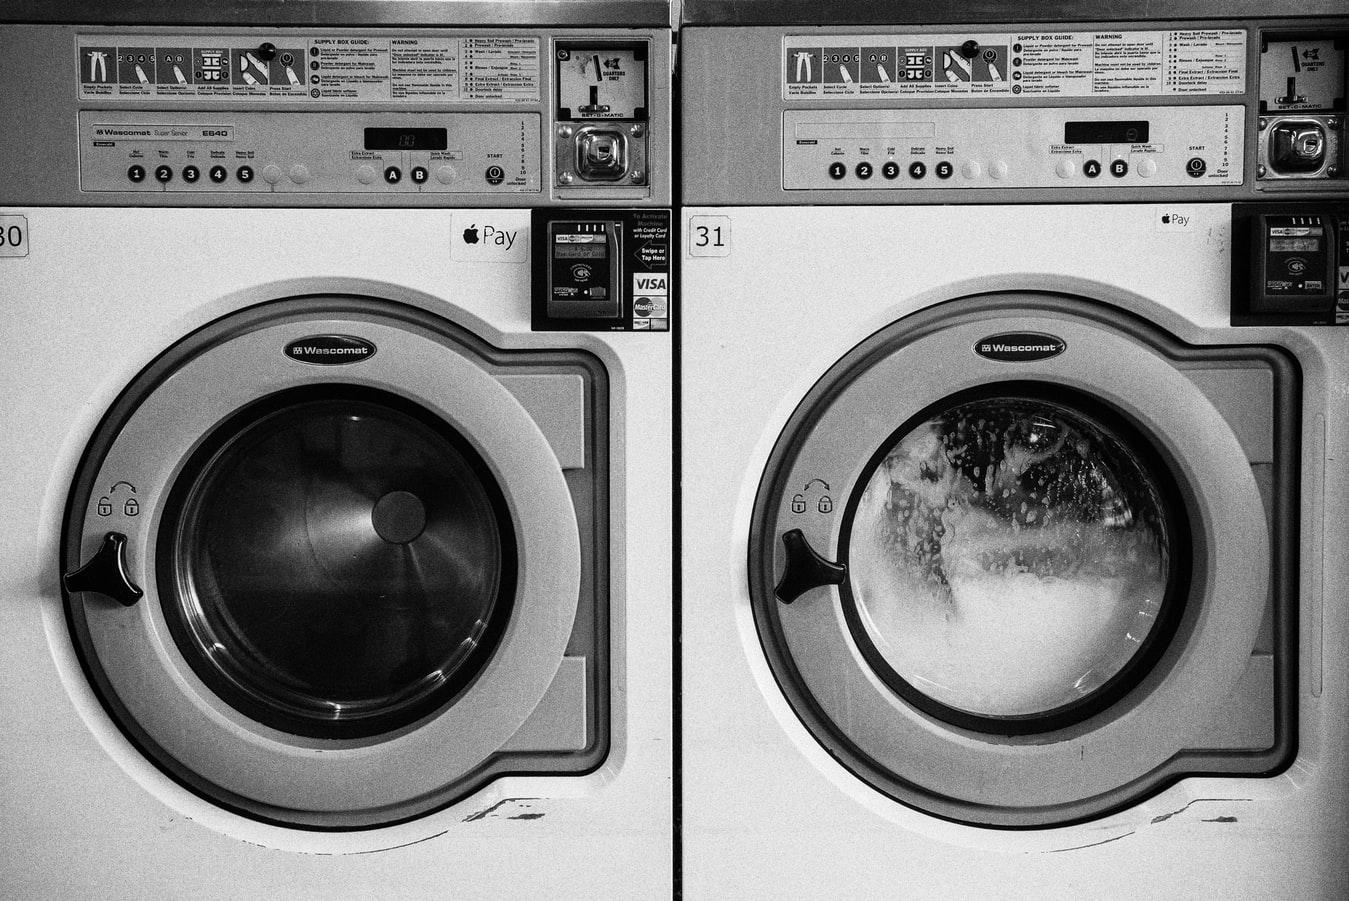 Nettoyer une machine à laver